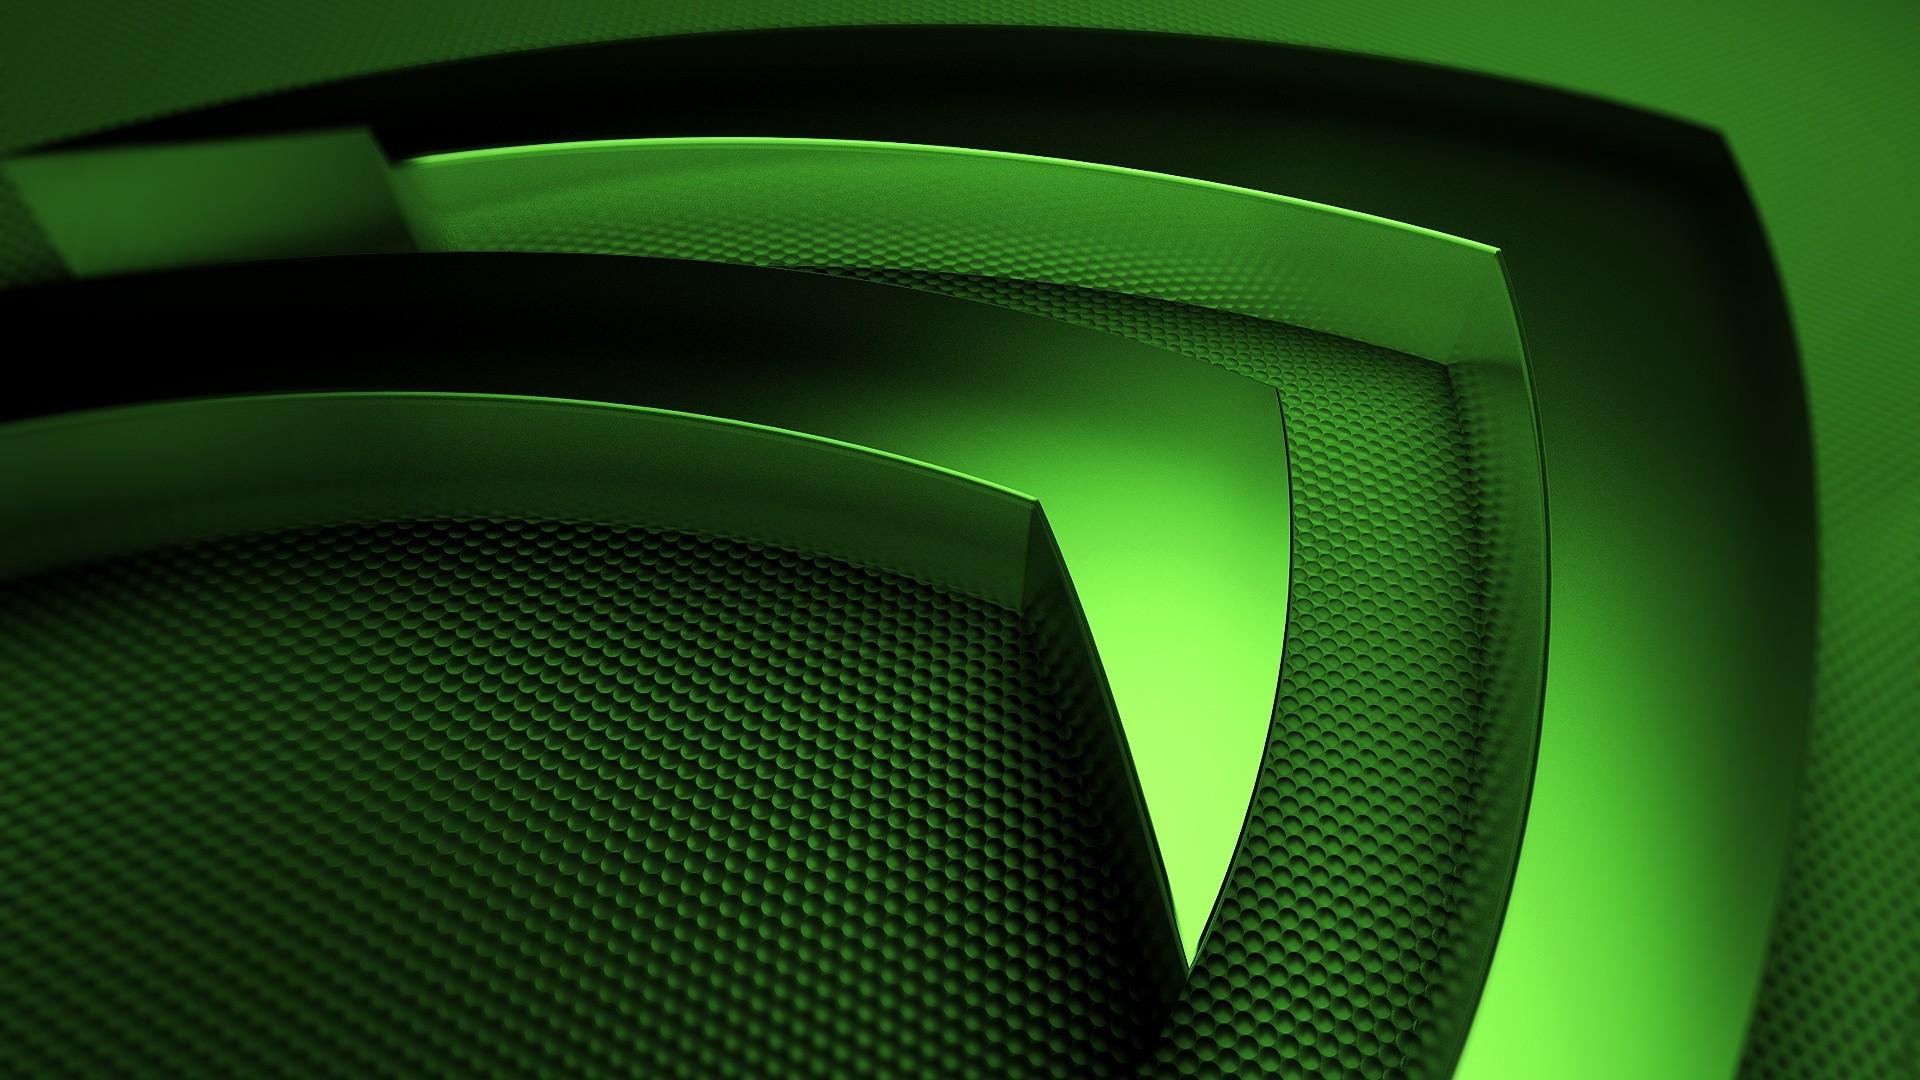 Preview wallpaper nvidia, green, symbol 1920×1080